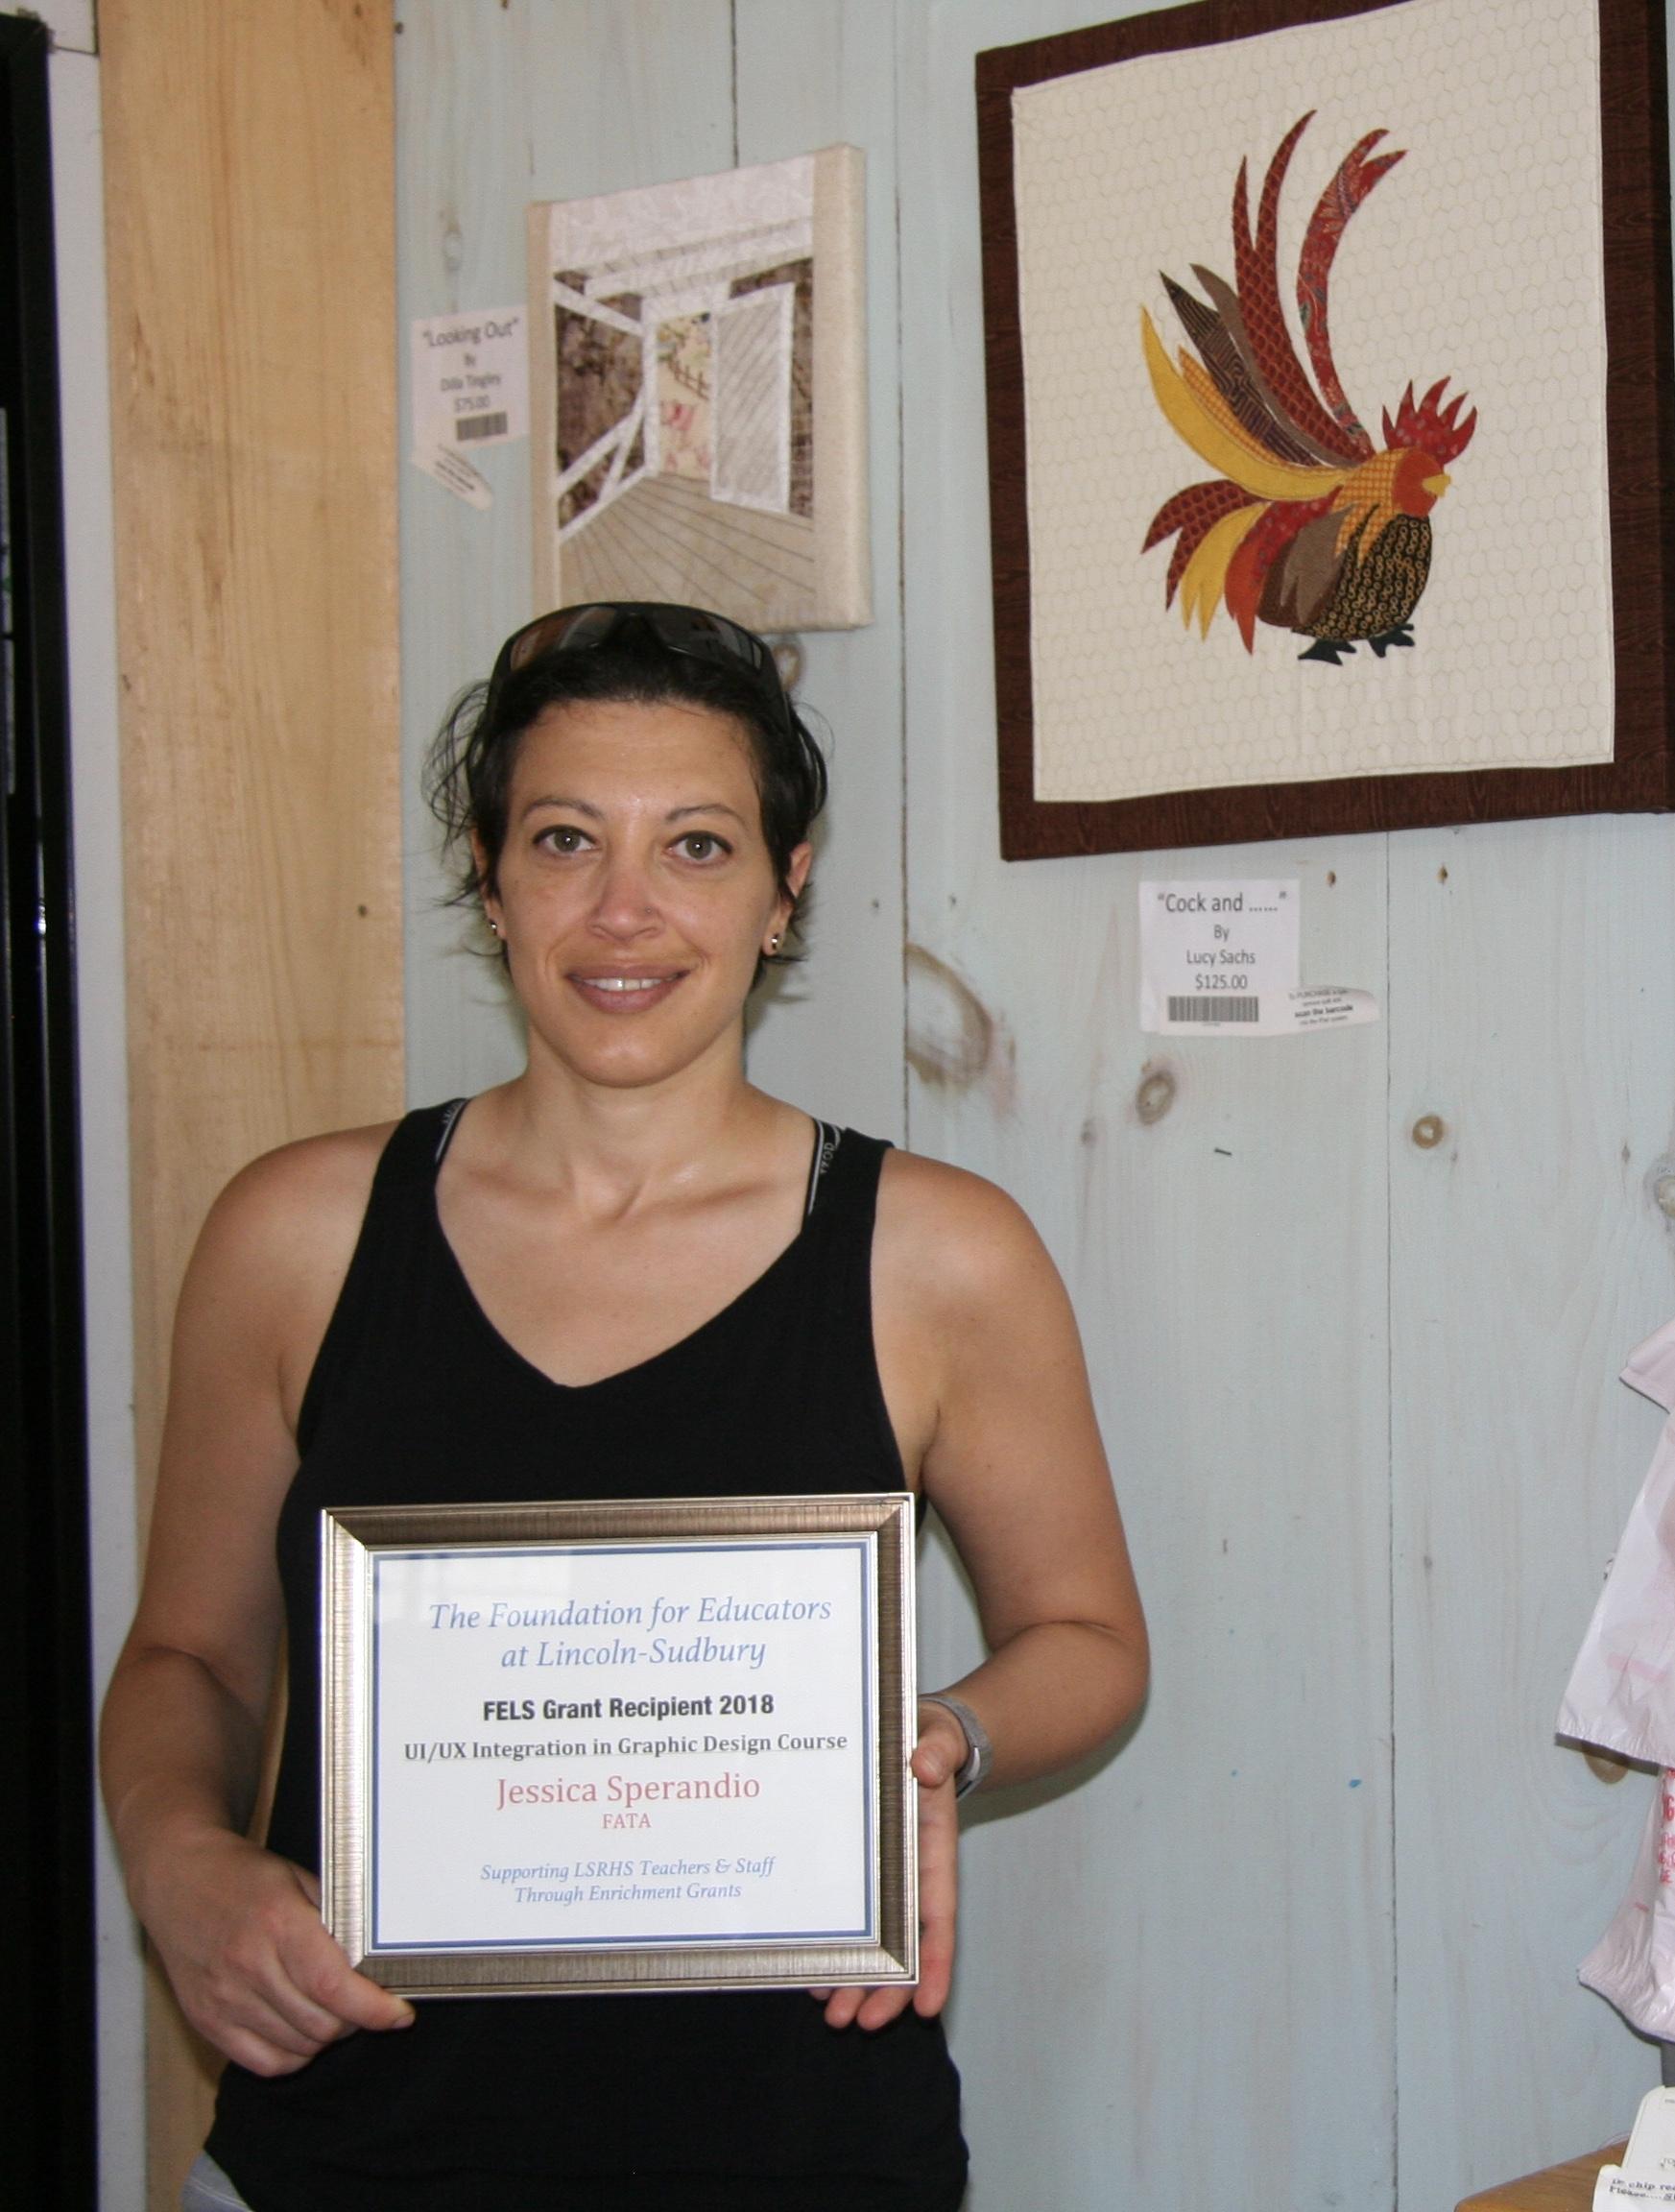 Jessica Sperandio